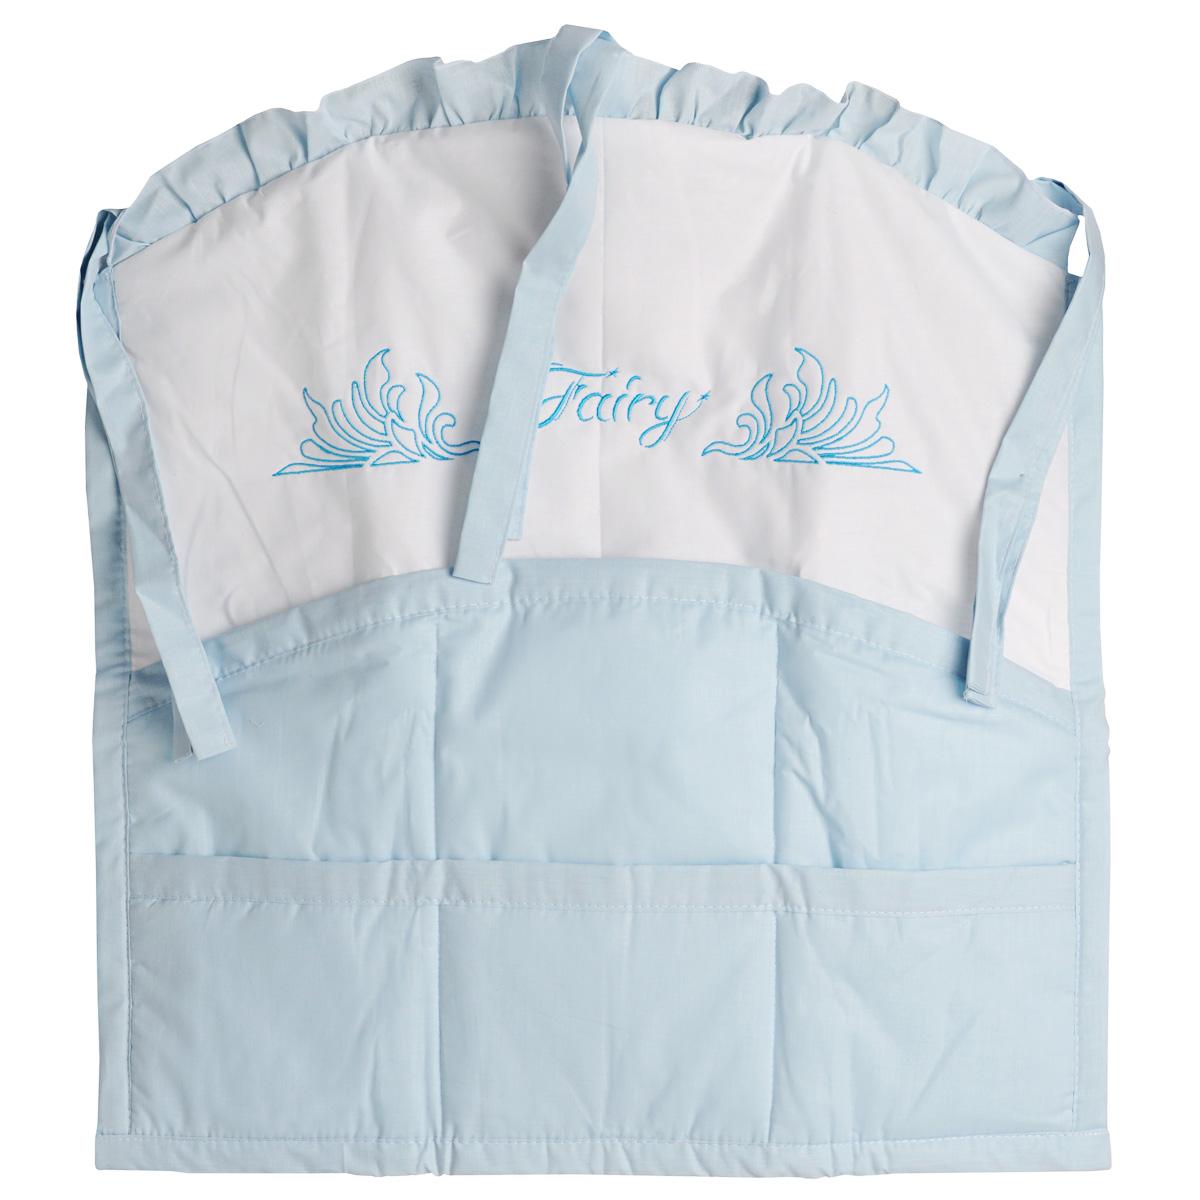 Карман на кроватку Fairy Сладкий сон, цвет: белый, голубой, 59 см х 60 см сумка для пеленок и подгузников fairy жирафик цвет голубой 50 см х 40 см